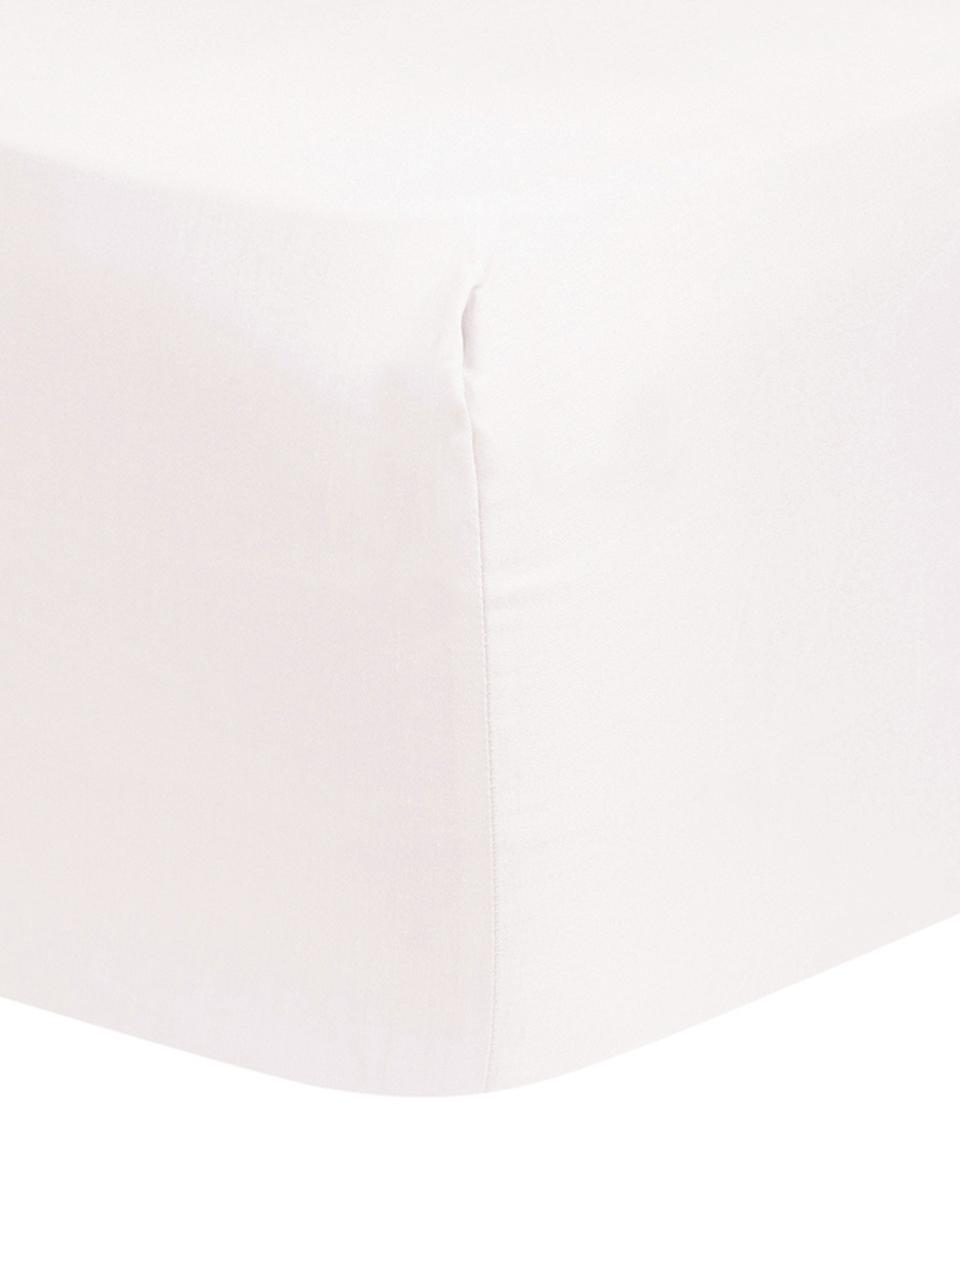 Spannbettlaken Comfort in Rosa, Baumwollsatin, Webart: Satin, leicht glänzend, Rosa, 180 x 200 cm